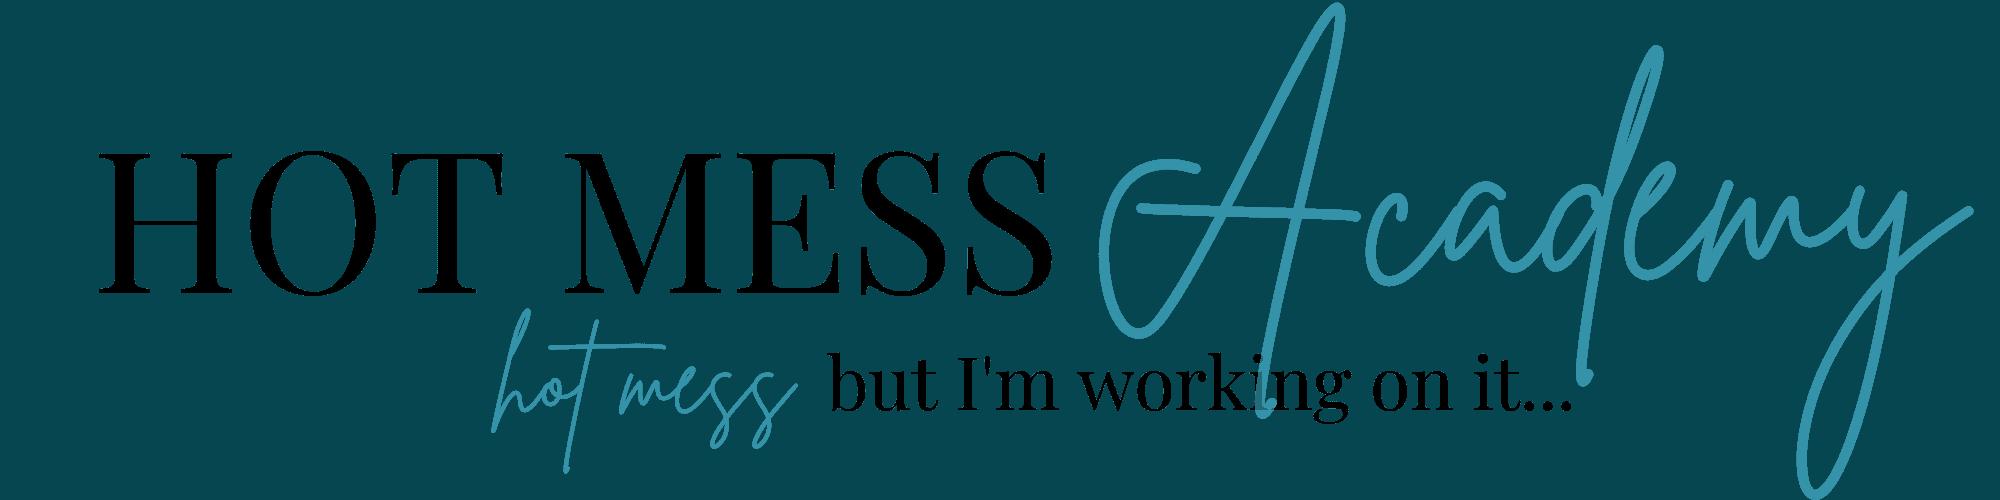 Project Hot Mess Membership